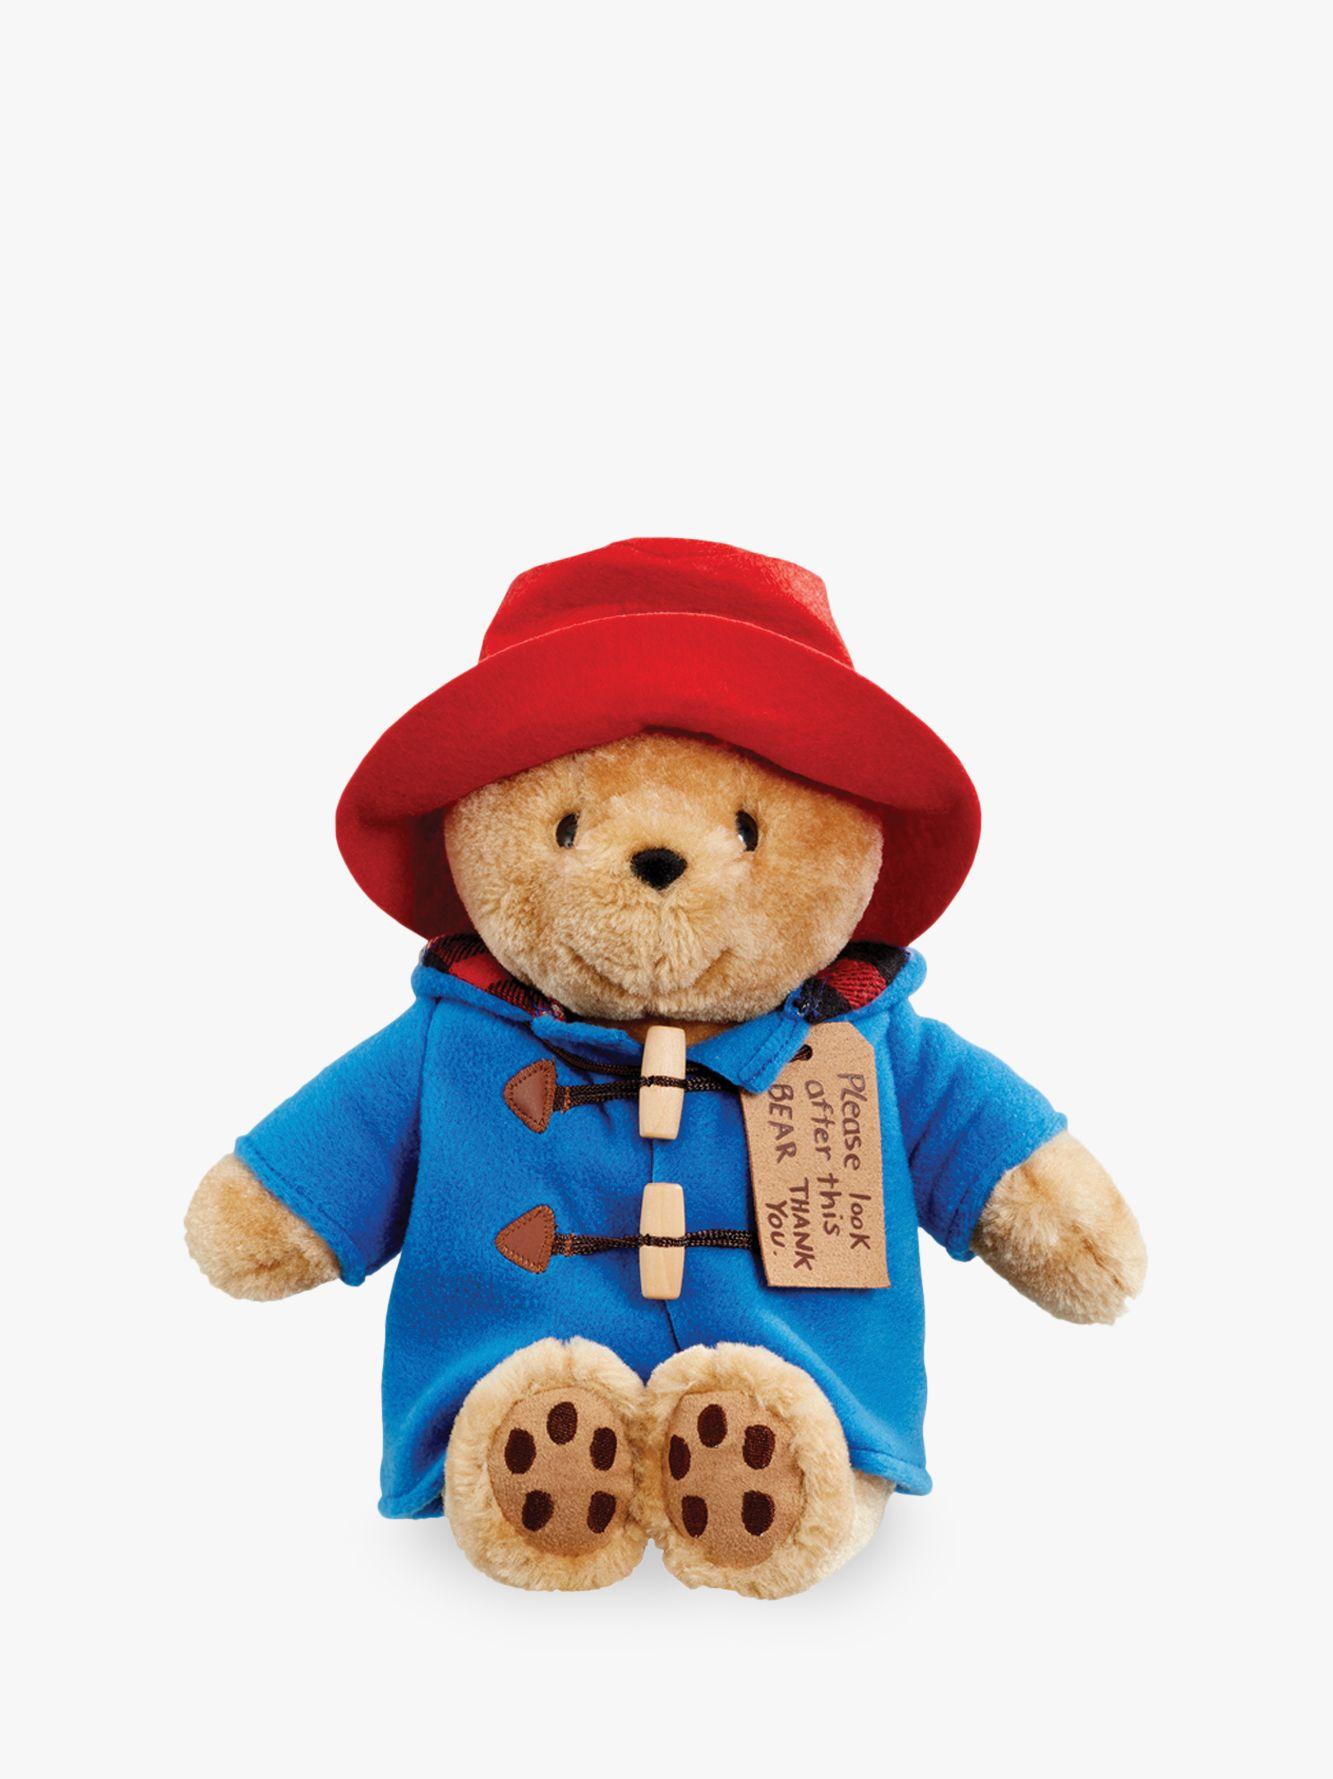 Paddington Bear Paddington Bear Plush Soft Toy, Medium